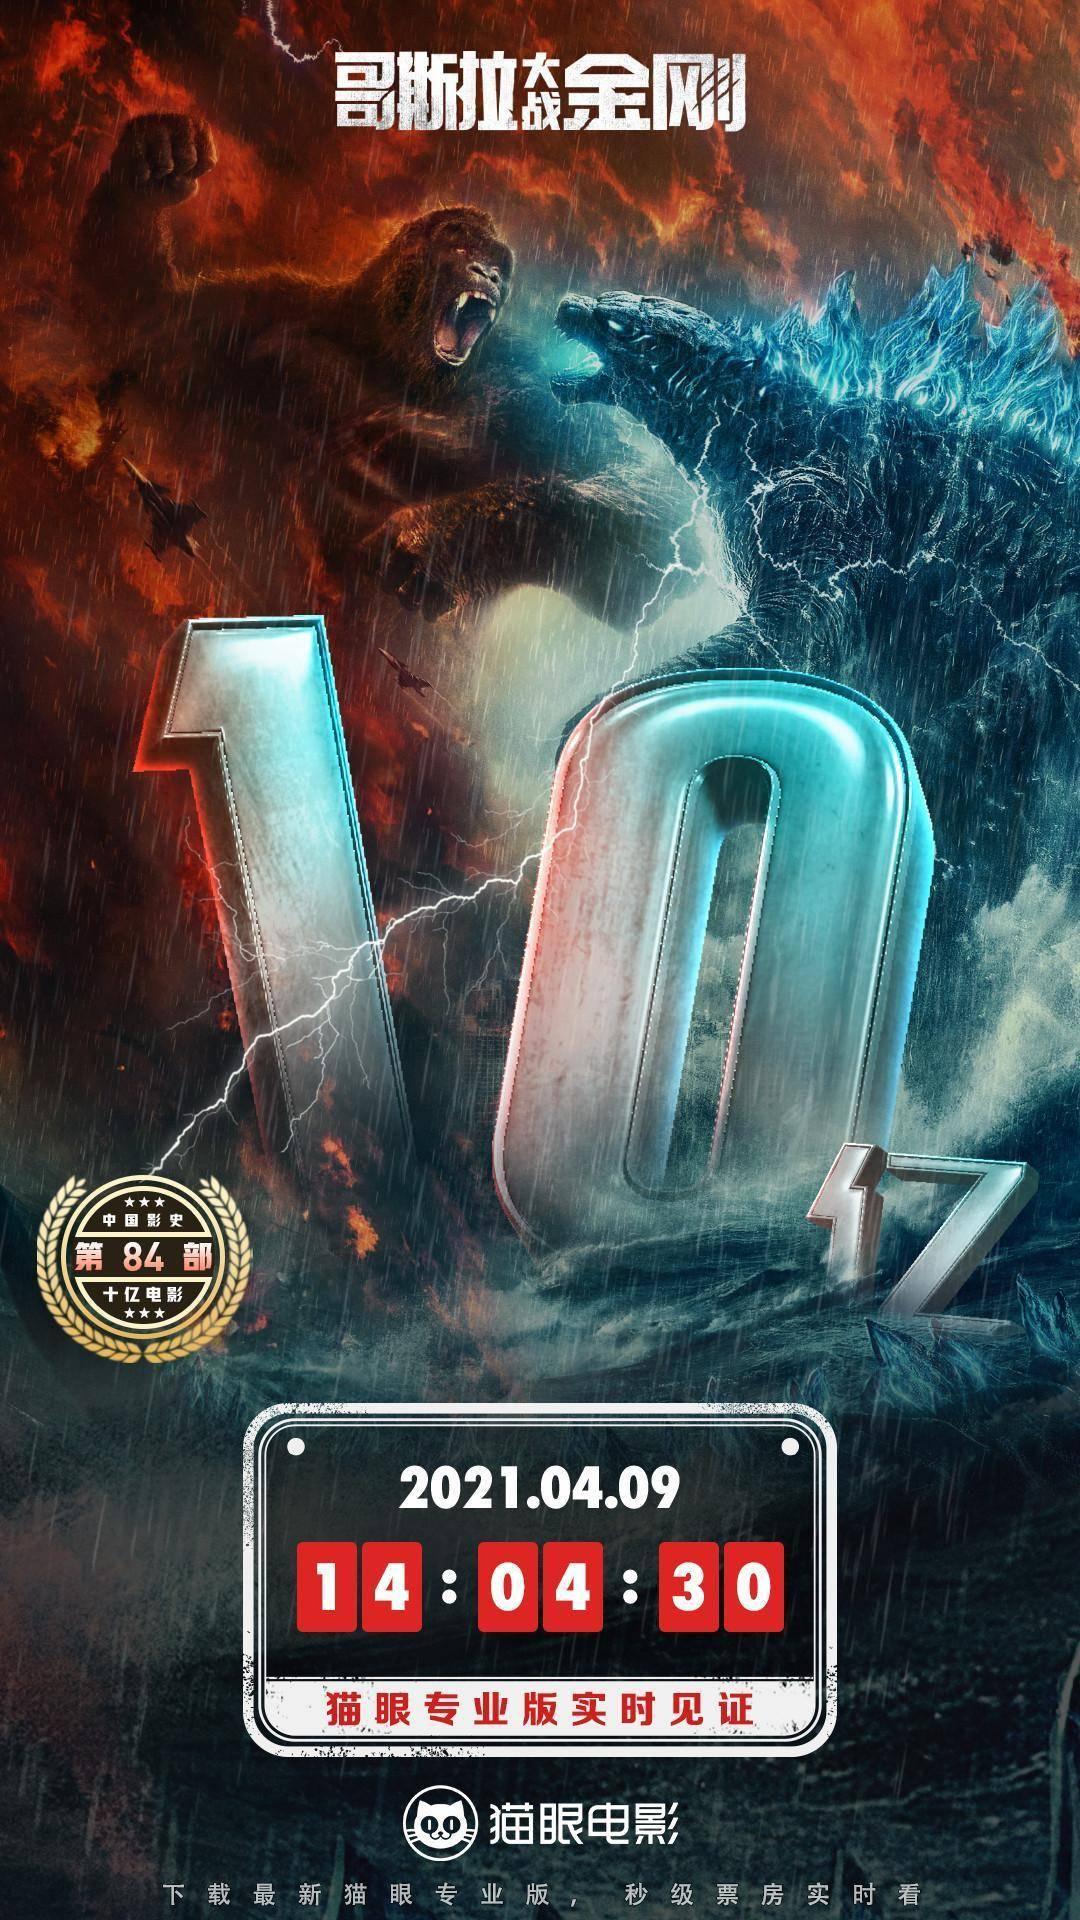 [电影资讯]《哥斯拉大战金刚》票房破10亿 成中国内地影史第84部破10亿电影